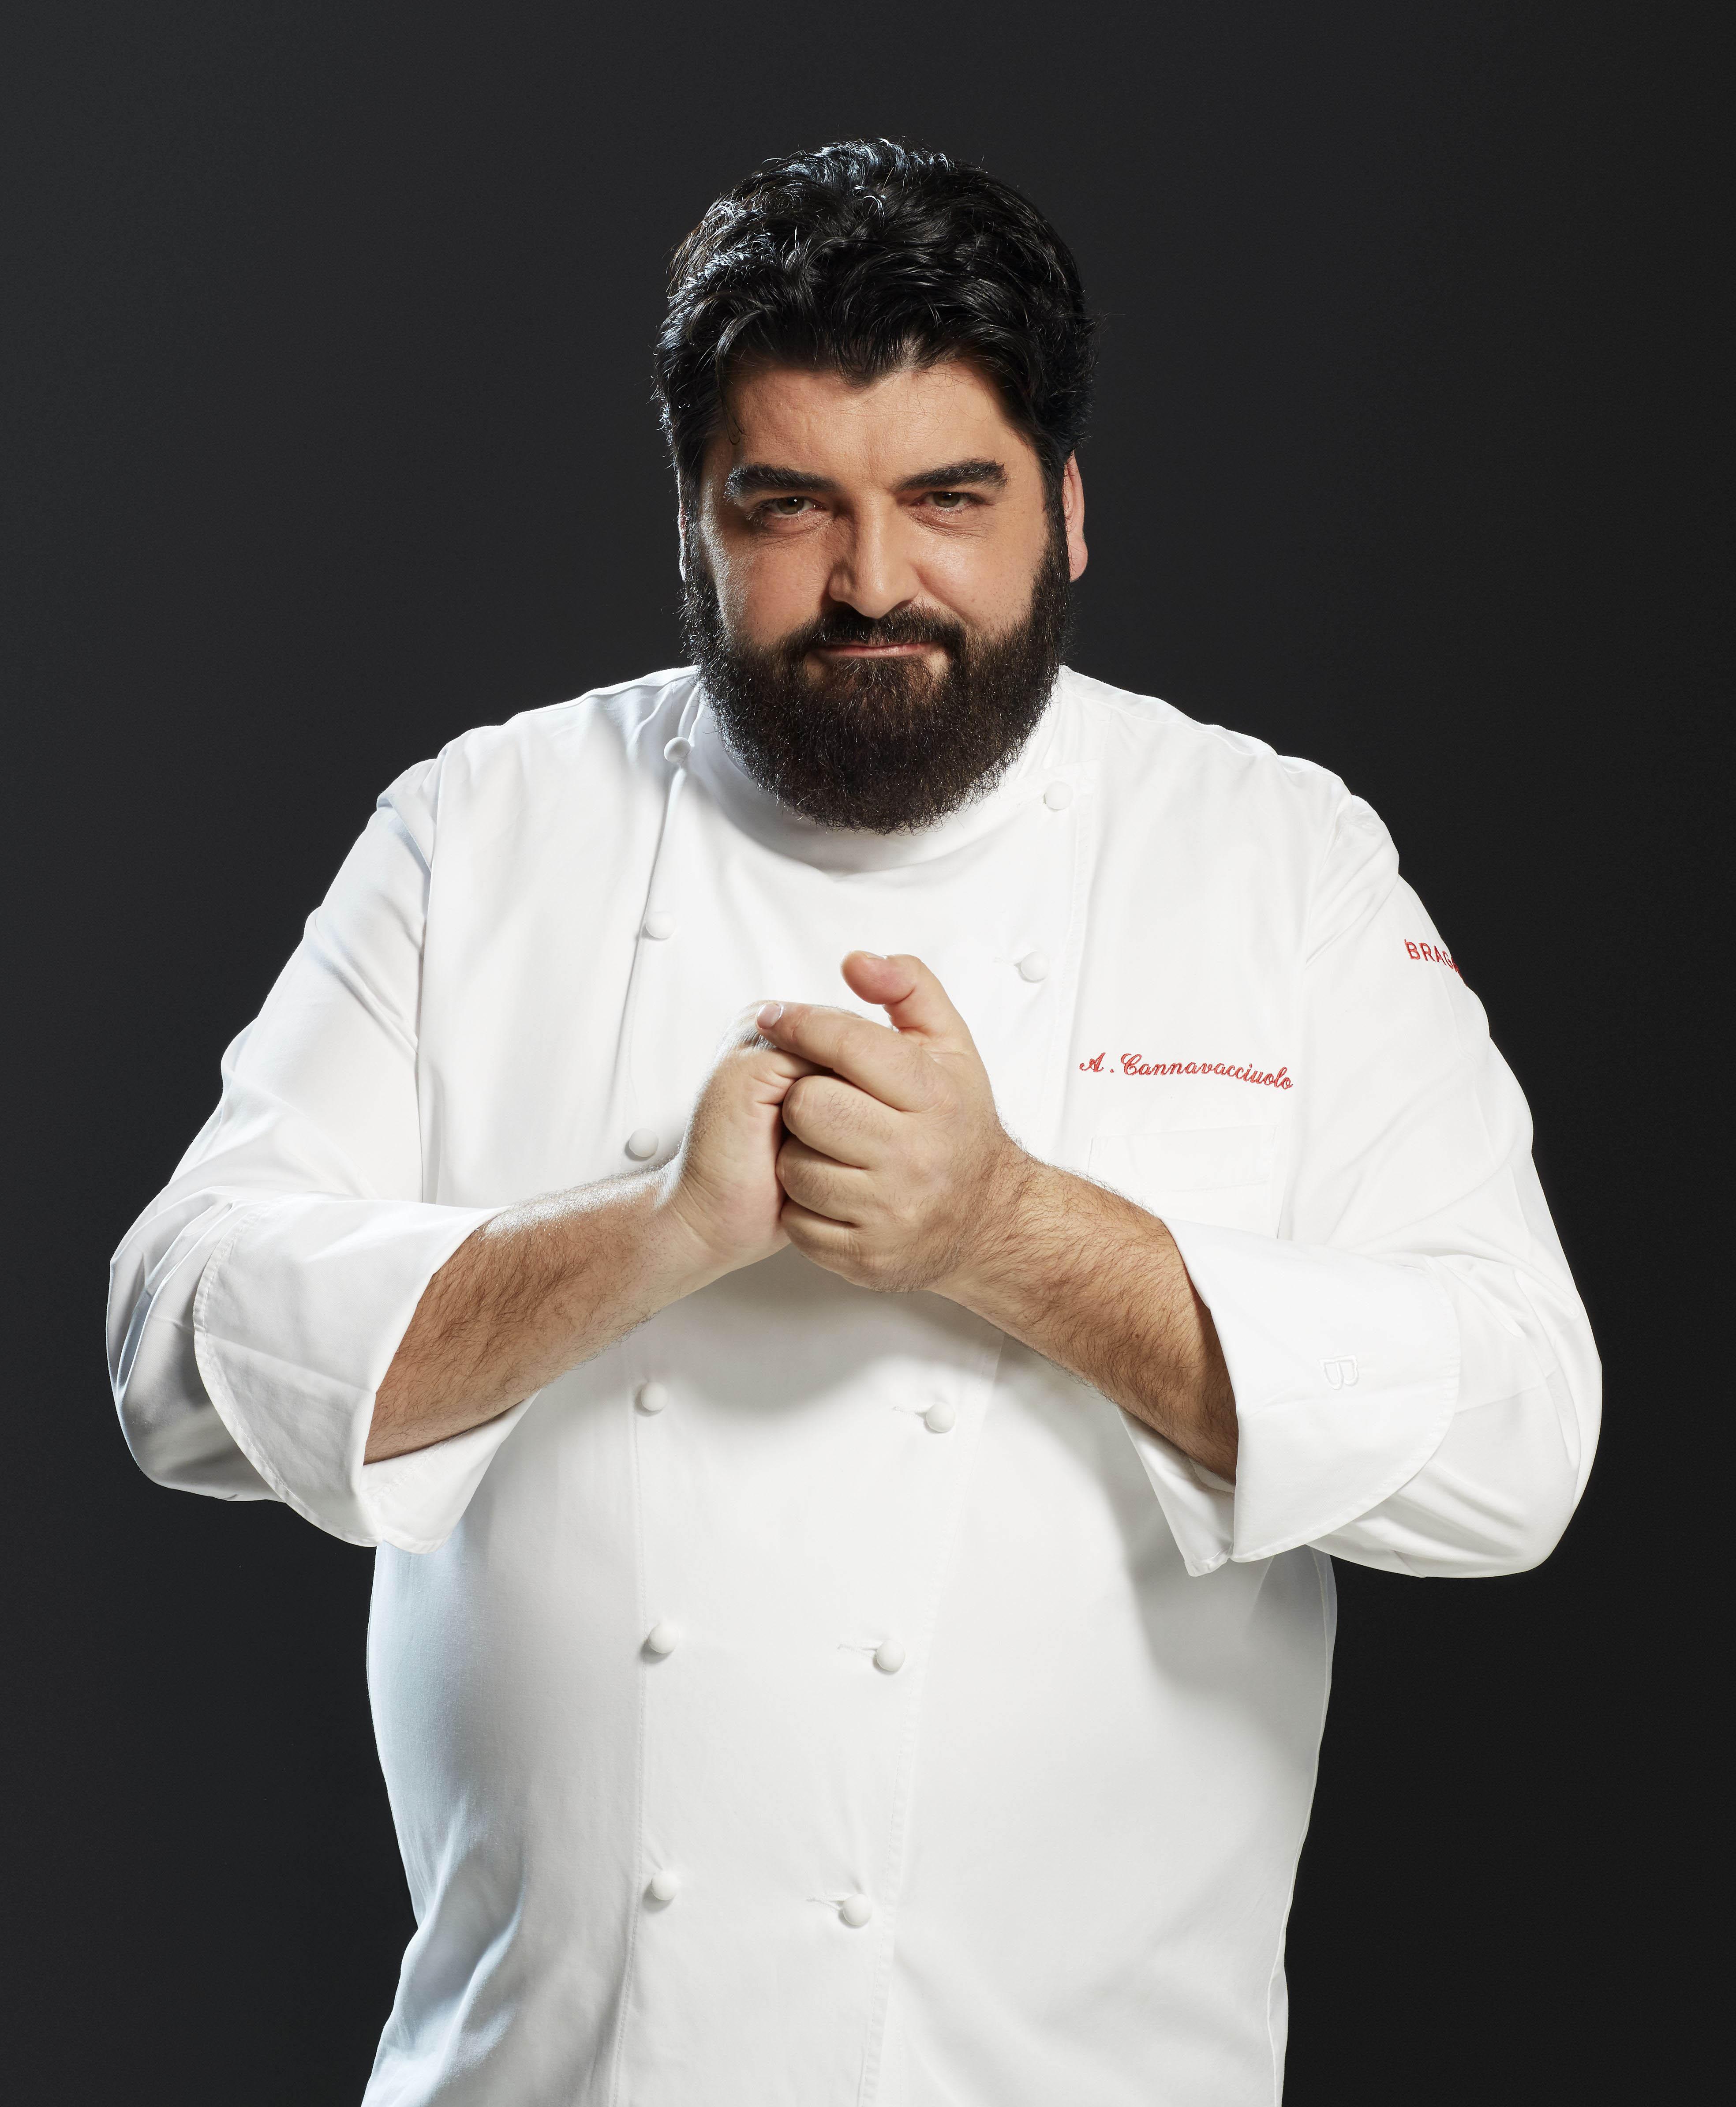 Antonino cannavacciuolo torna nelle cucine da incubo - Cucine da incubo 4 ...